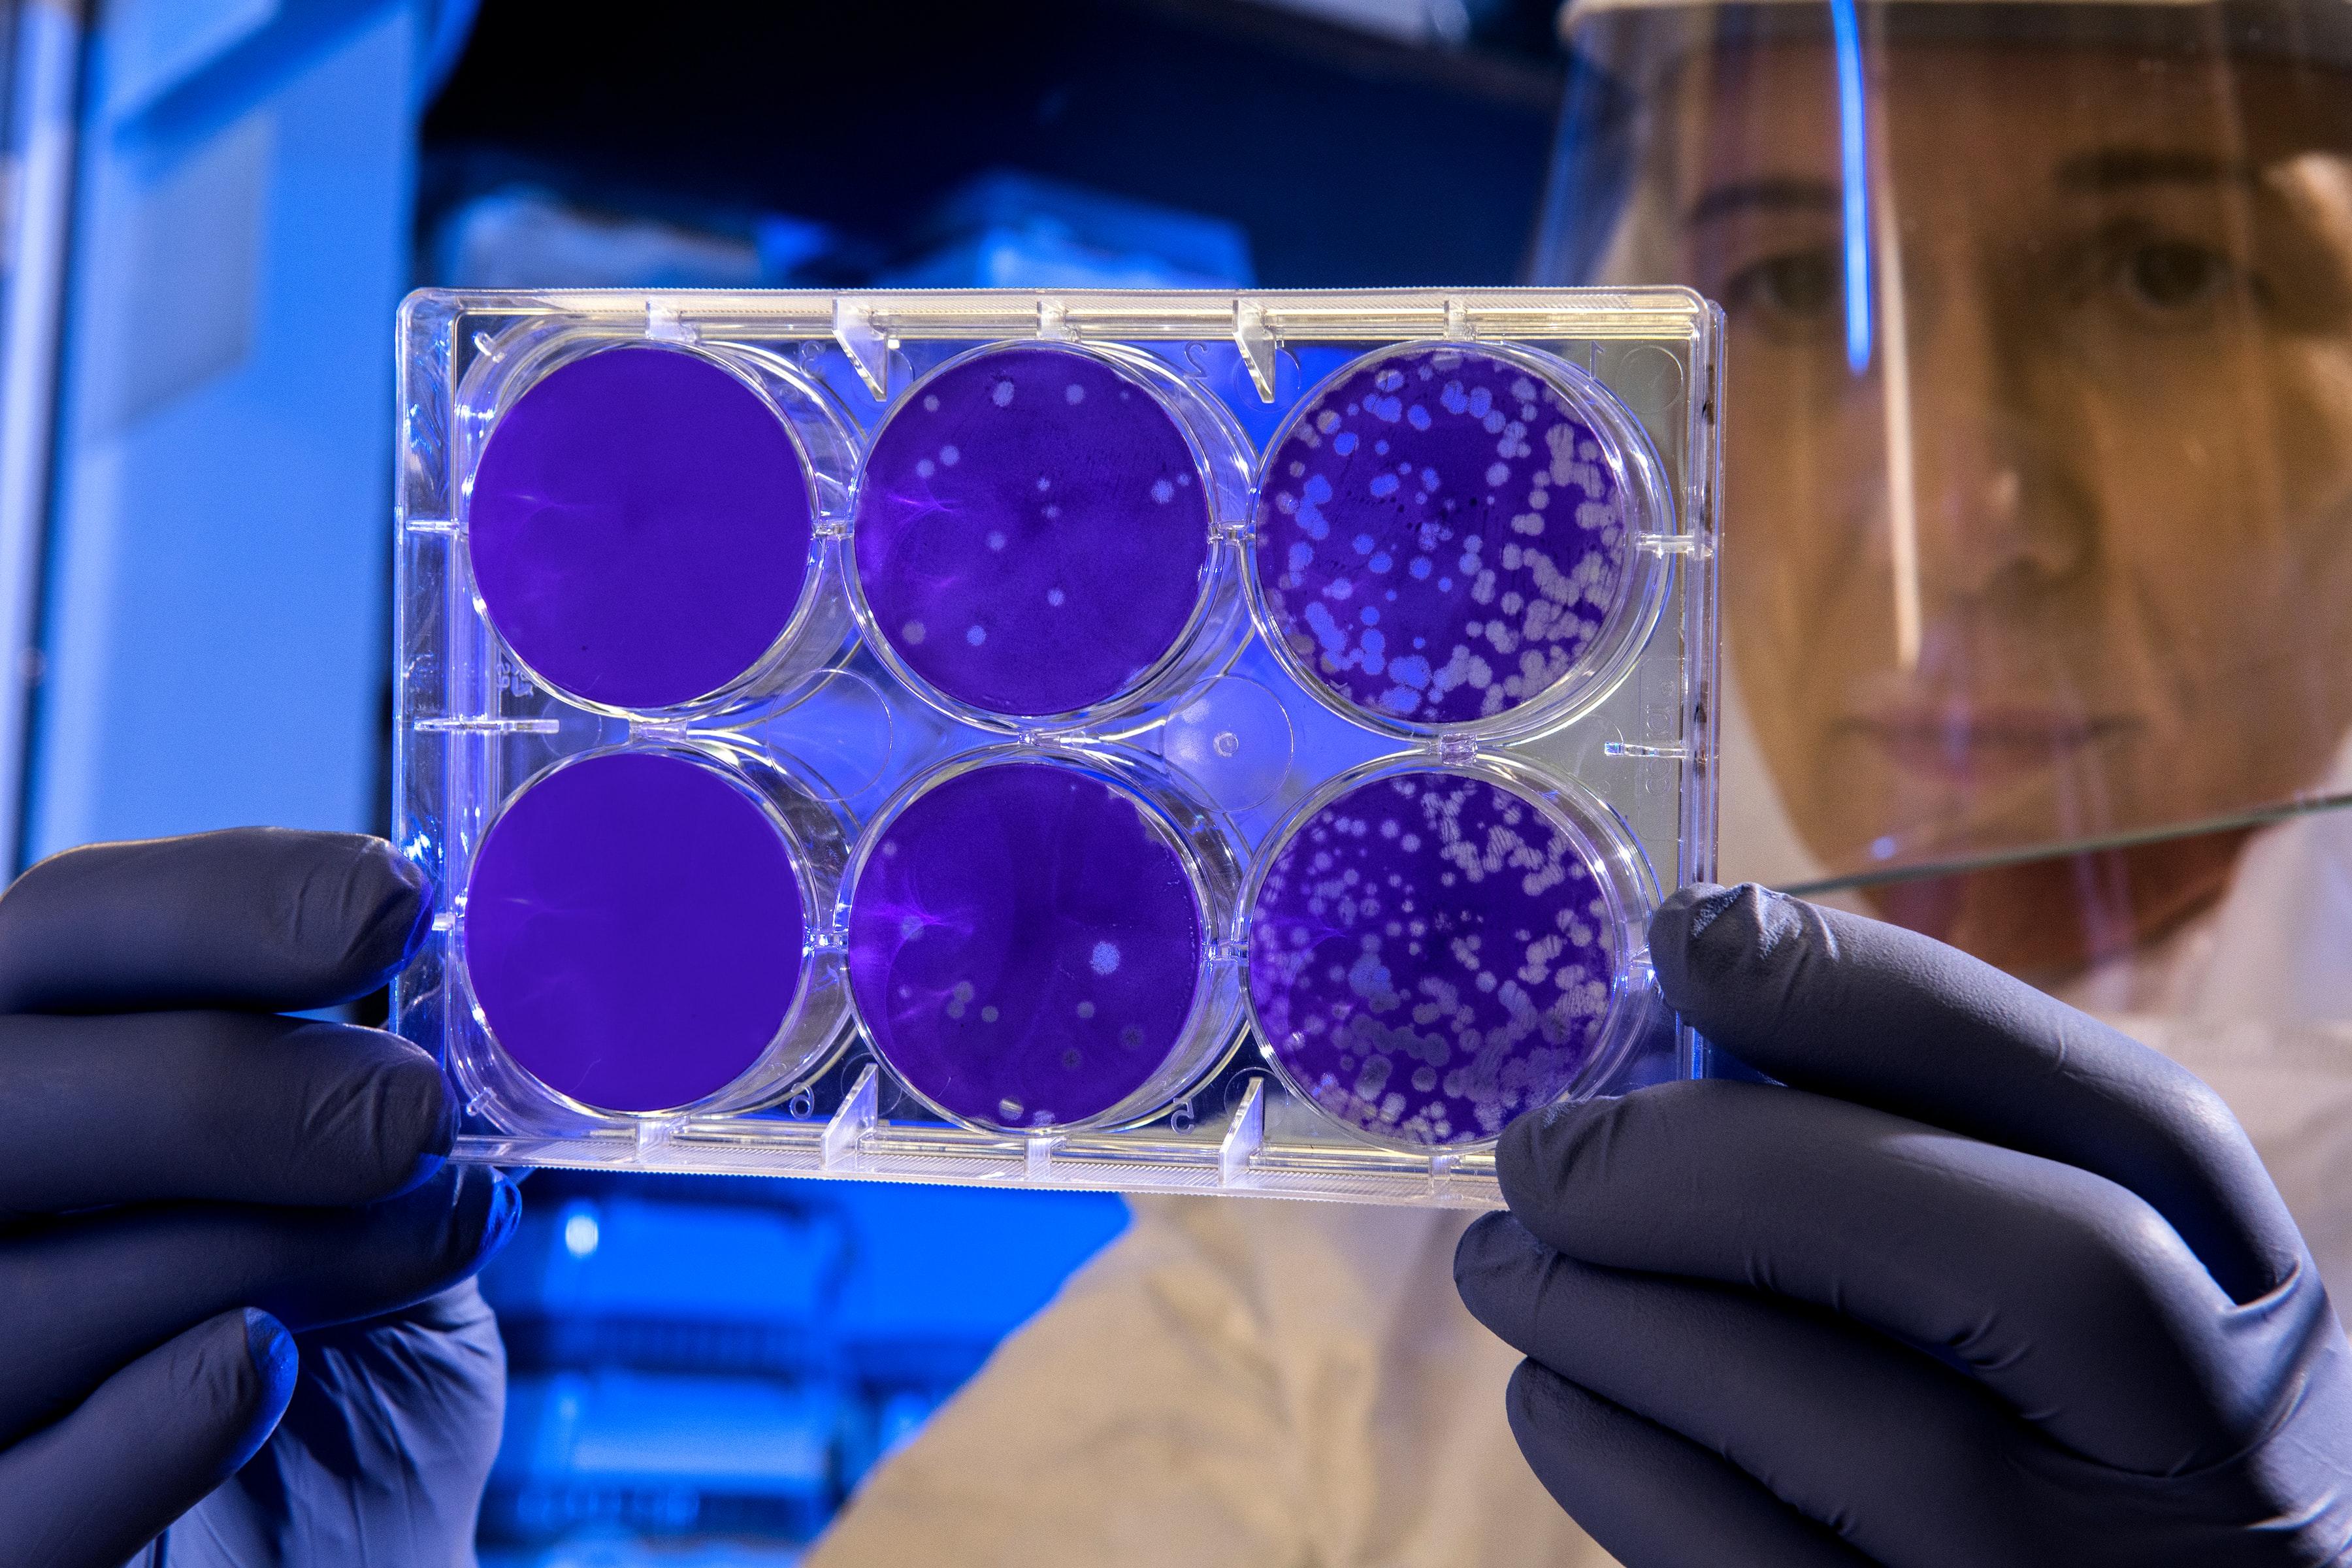 Este coronavirusul transmisibil pe cale sexuală? Au fost găsite urme în lichidul seminal, spun cercetătorii chinezi